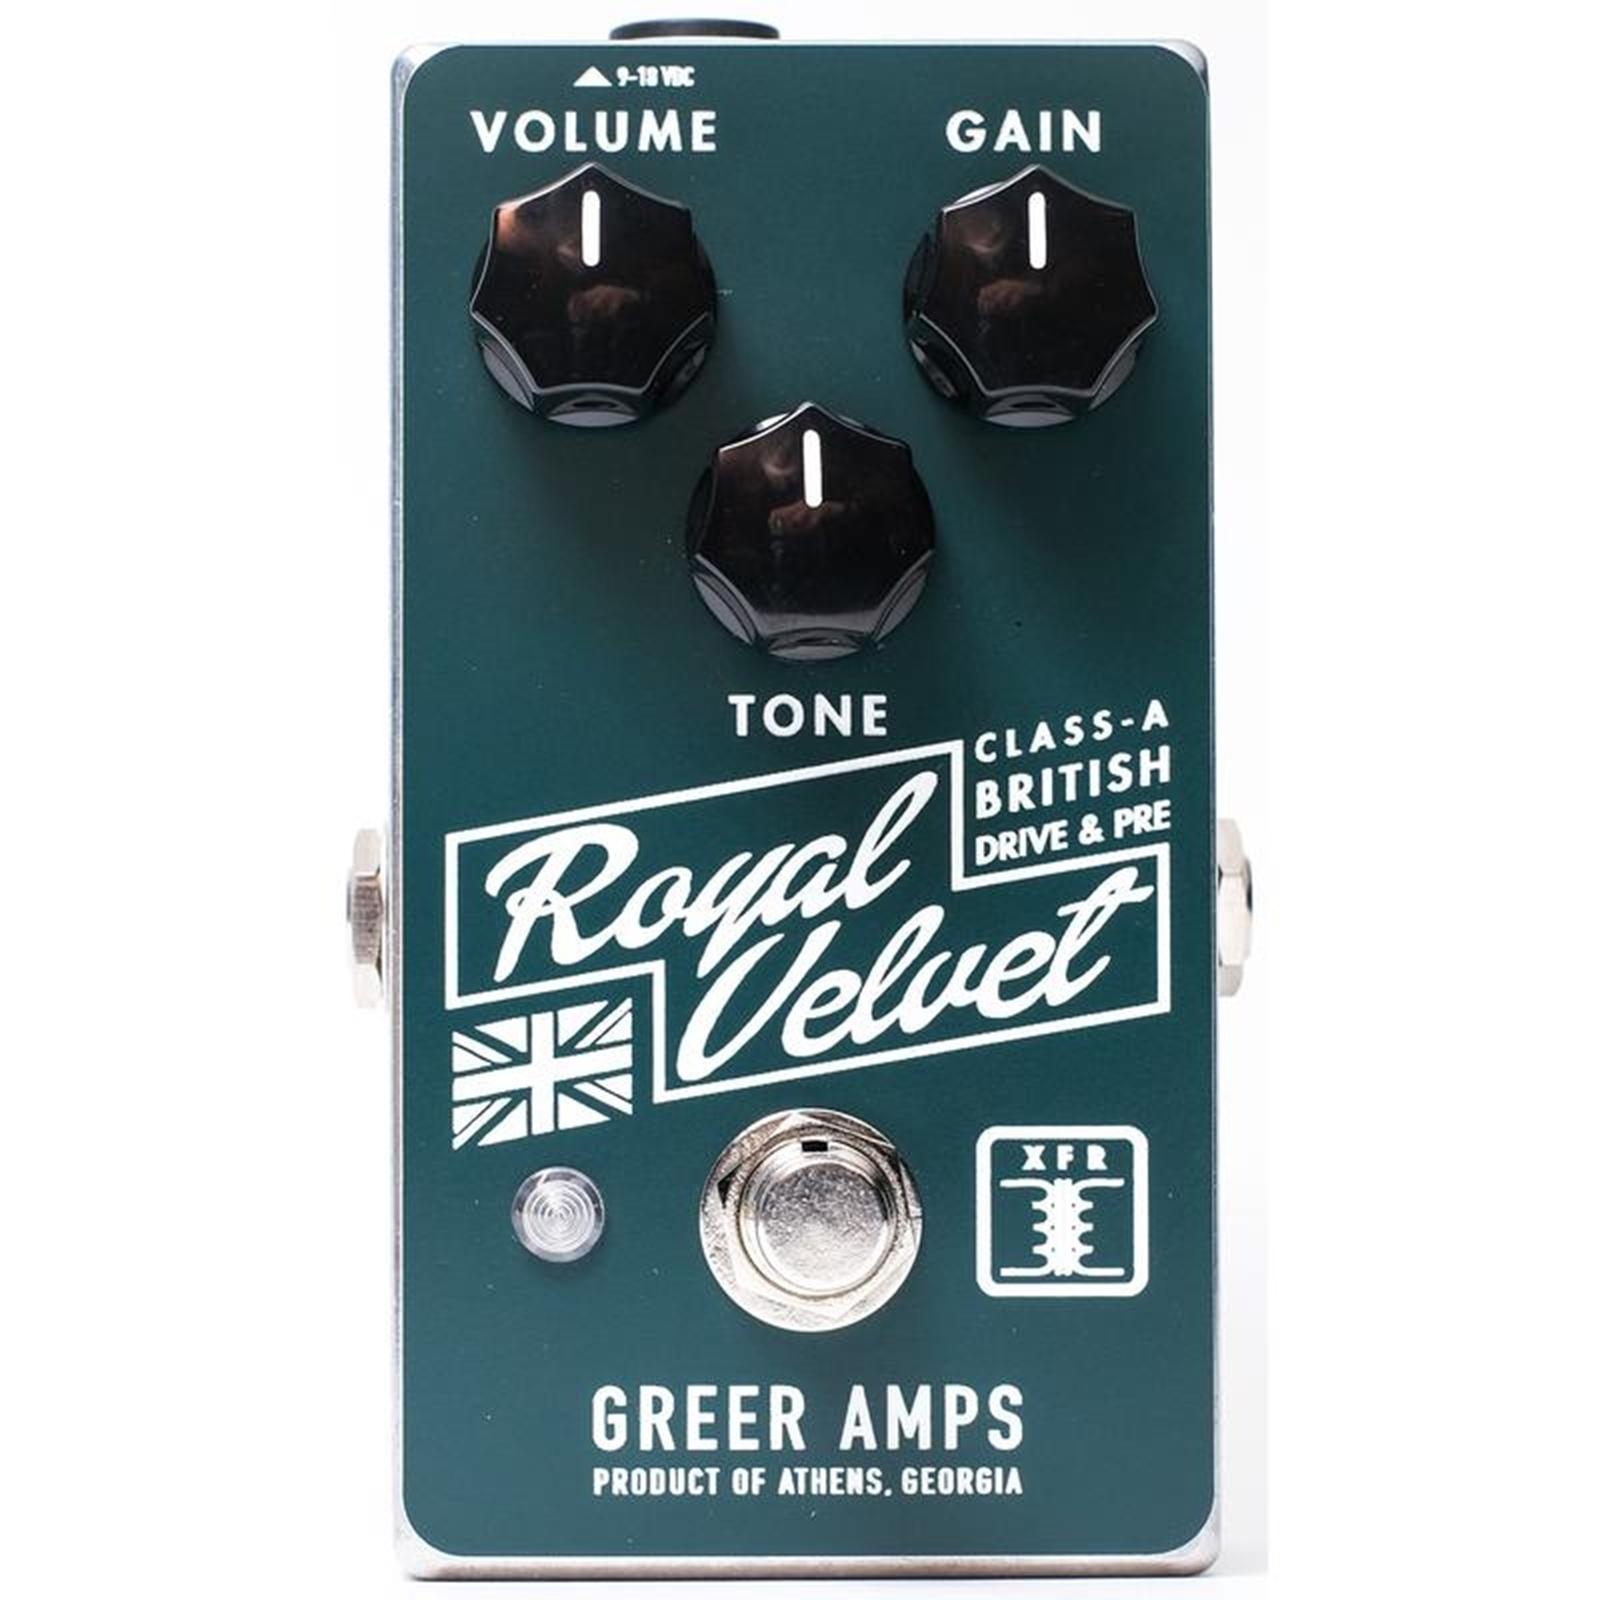 Greer Amps ROYAL VELVET OVERDRIVE Pedal